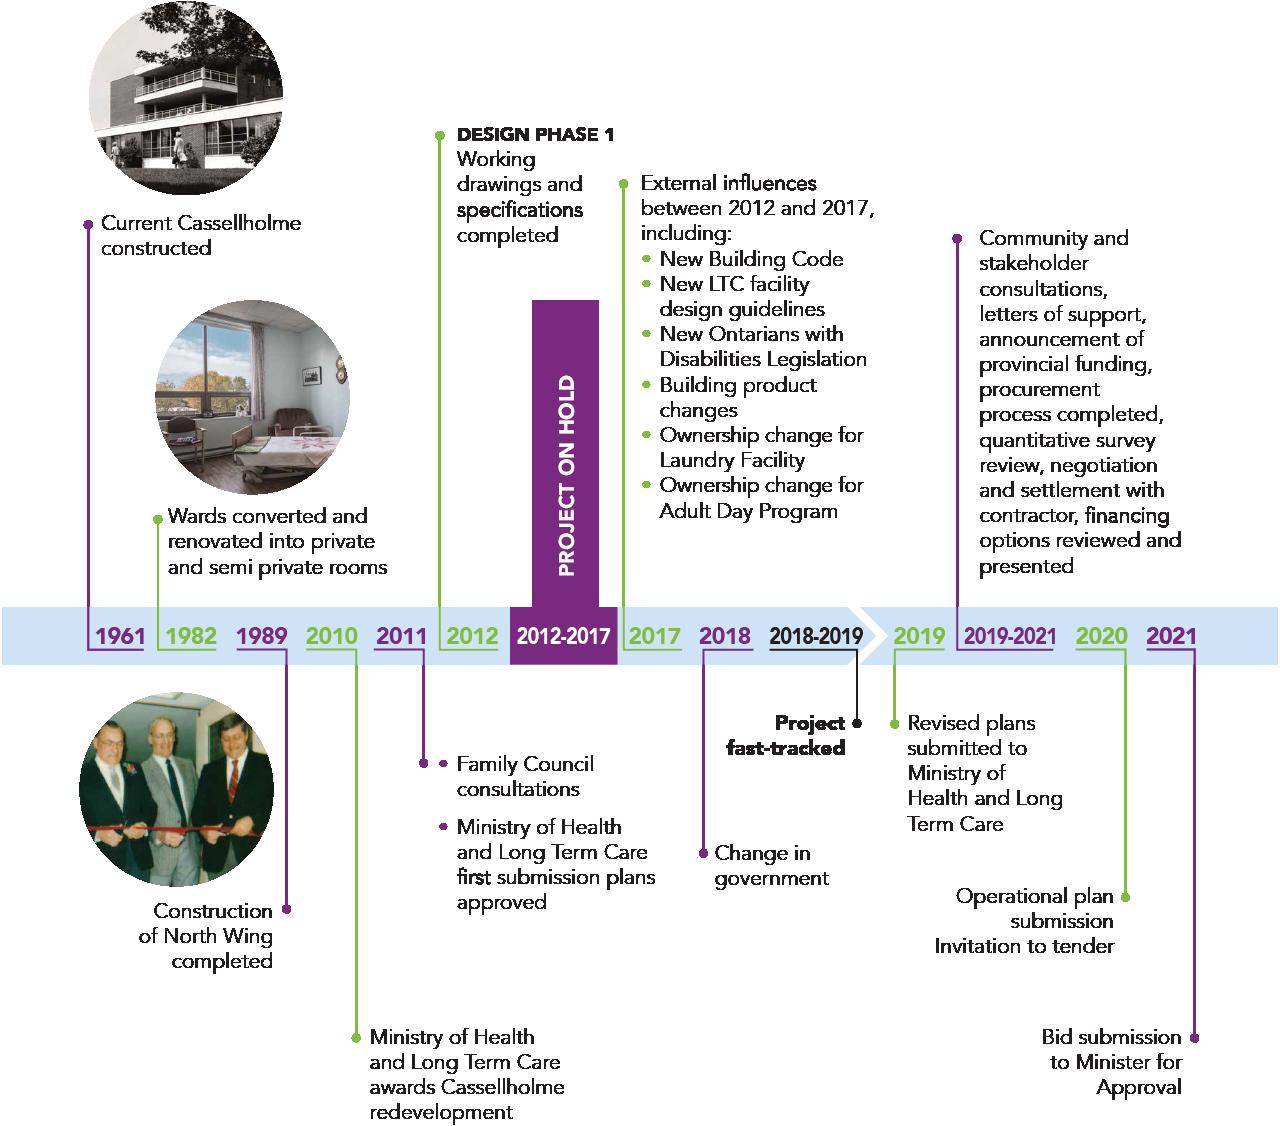 cassellholme-timeline